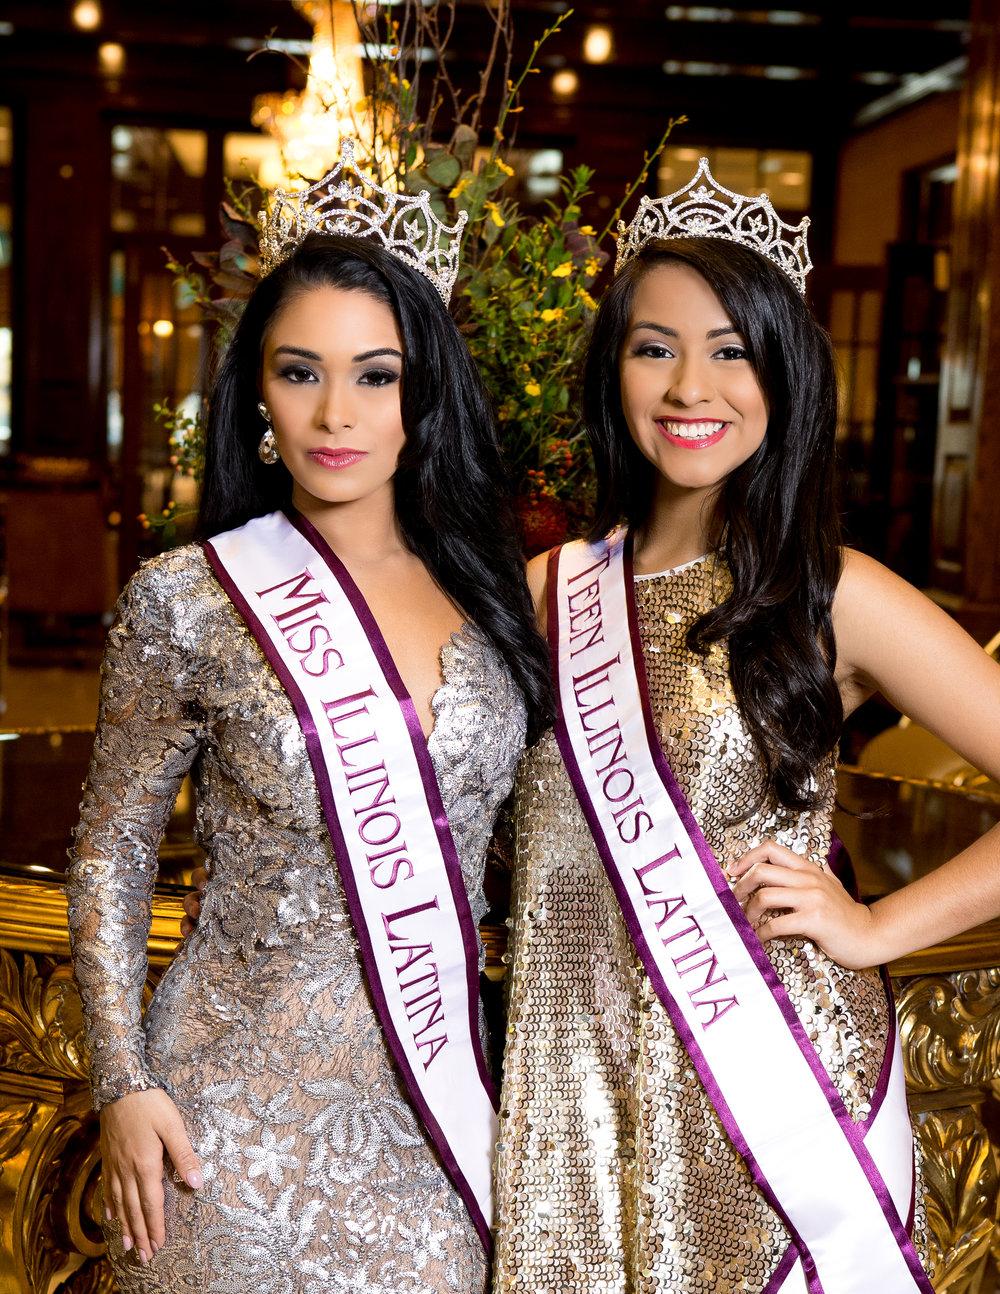 Miss/Teen Illinois Latina 2016